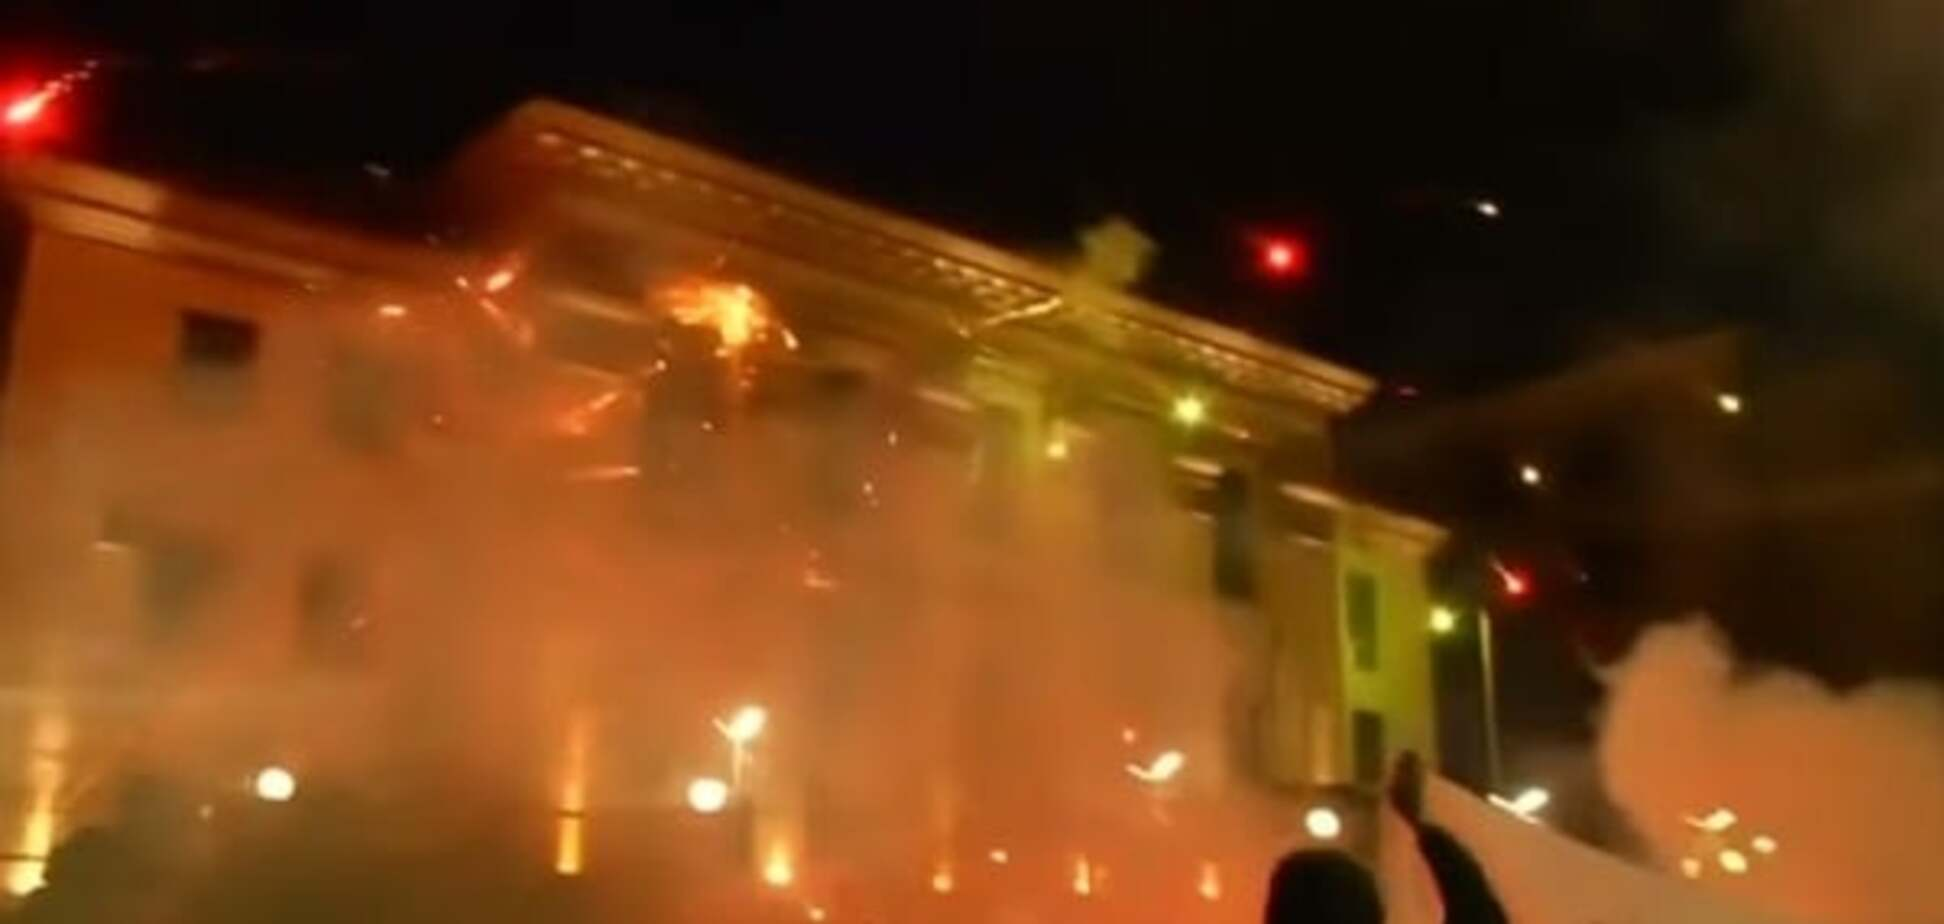 'Завтра будут Грады': стало известно, кто обстрелял посольство РФ в Киеве